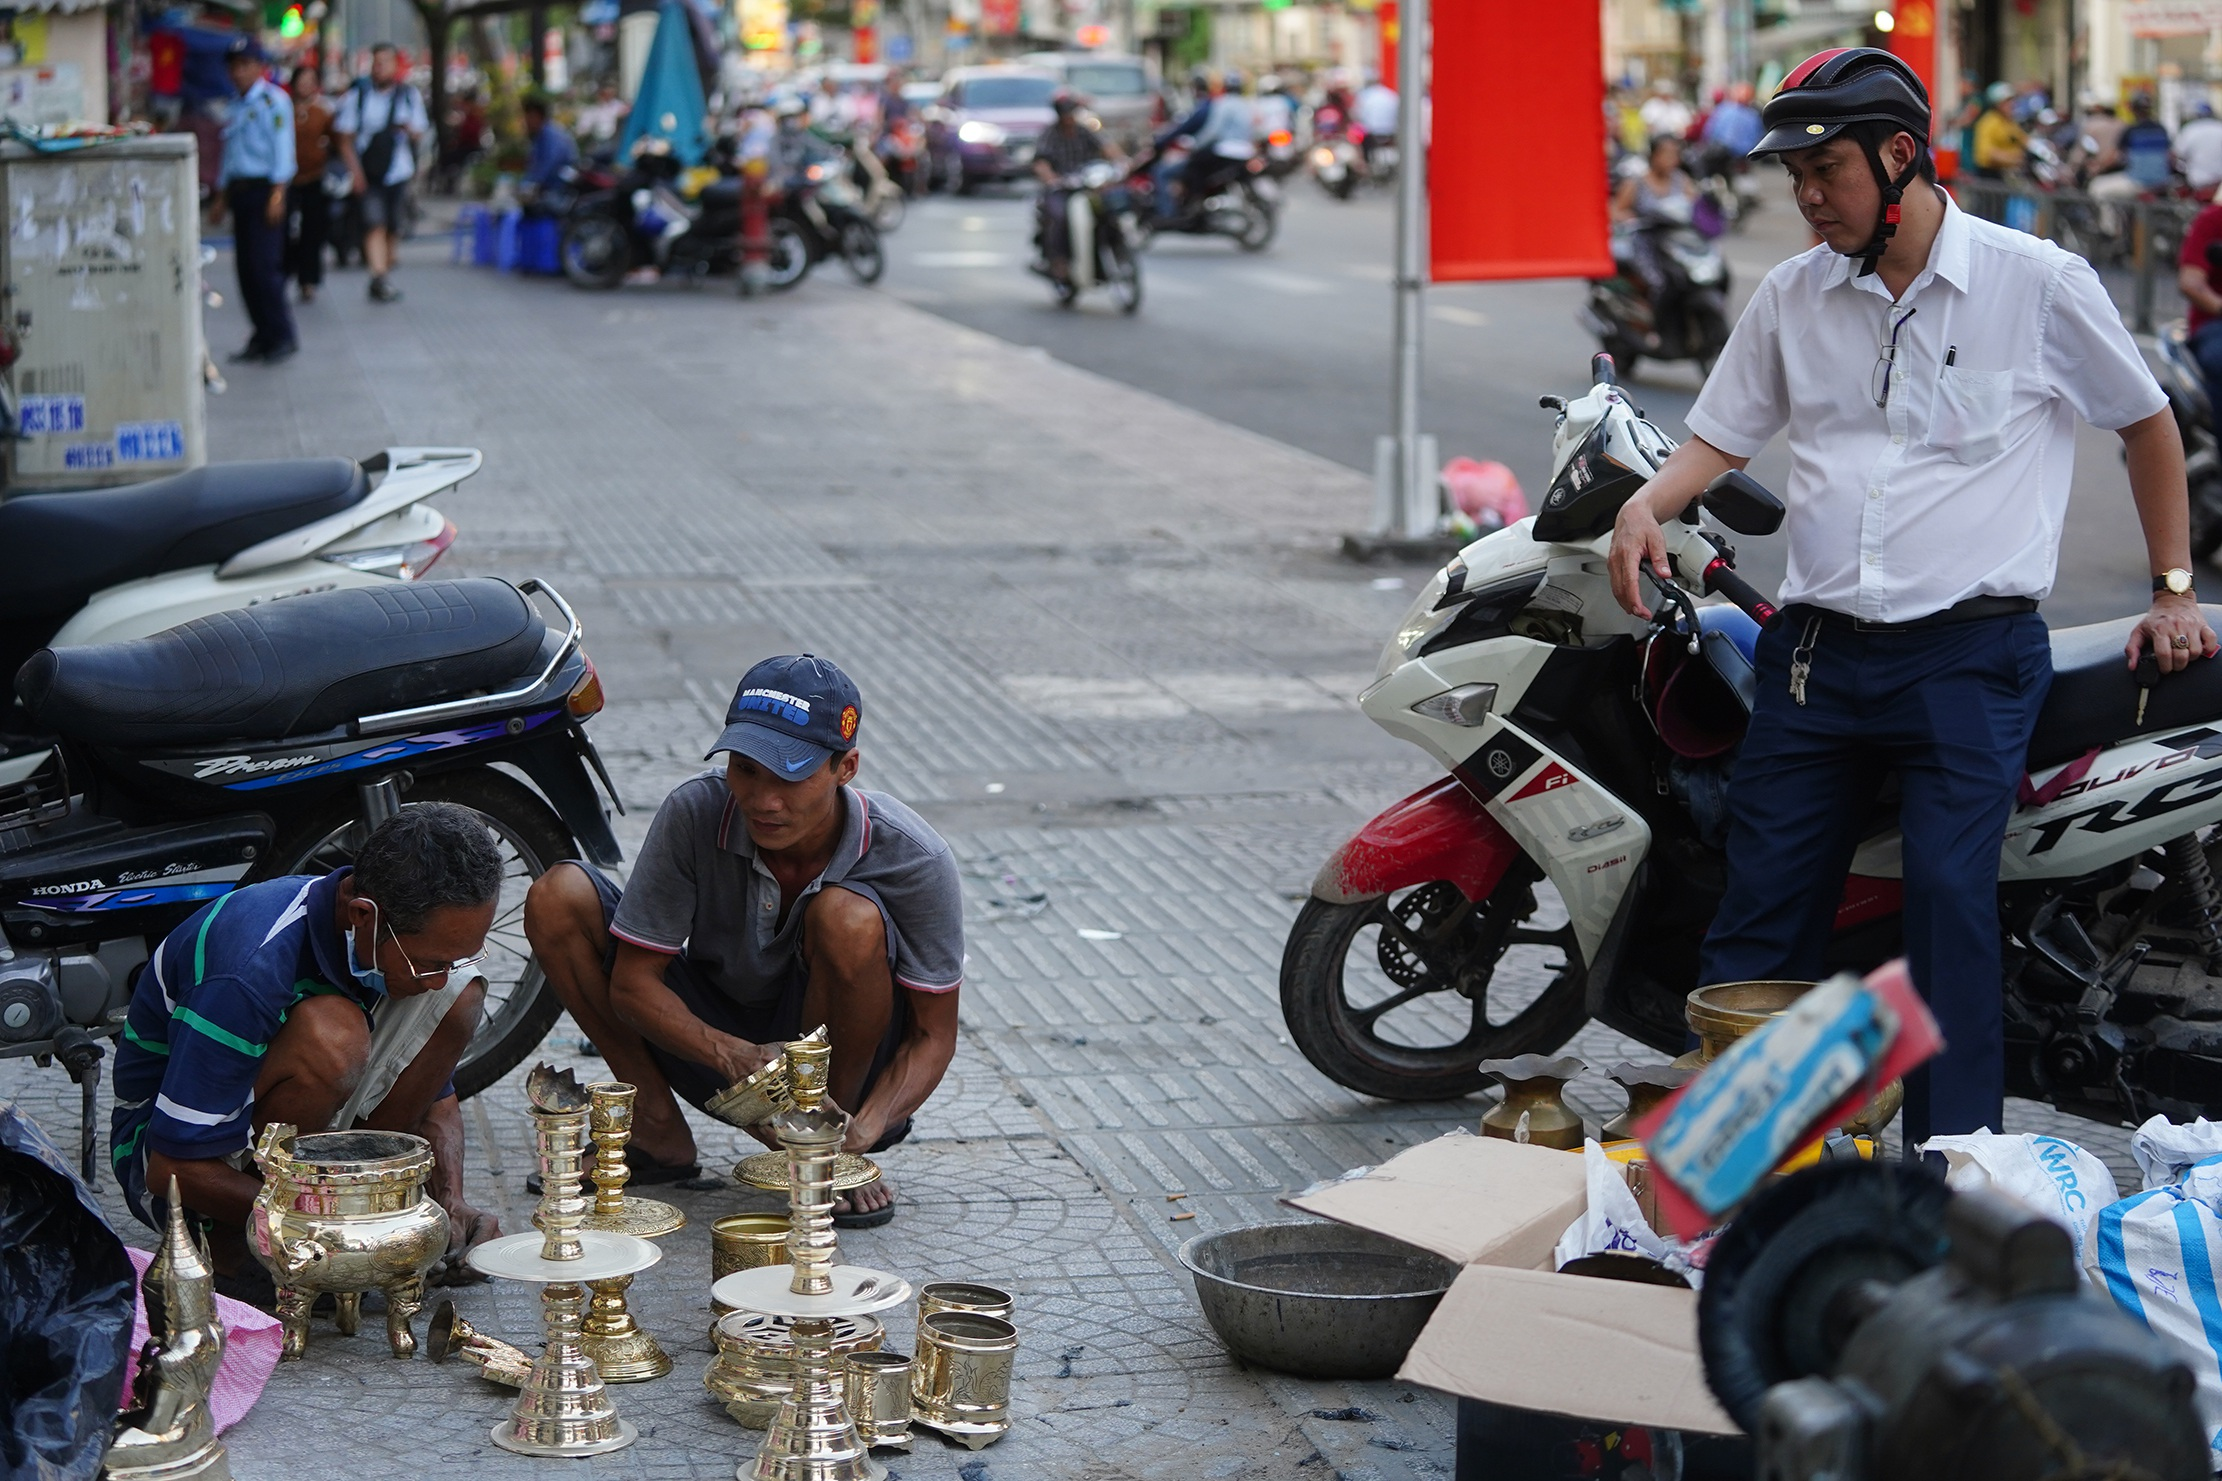 Đệ nhất cao thủ đánh bóng lư đồng Sài Gòn - 25